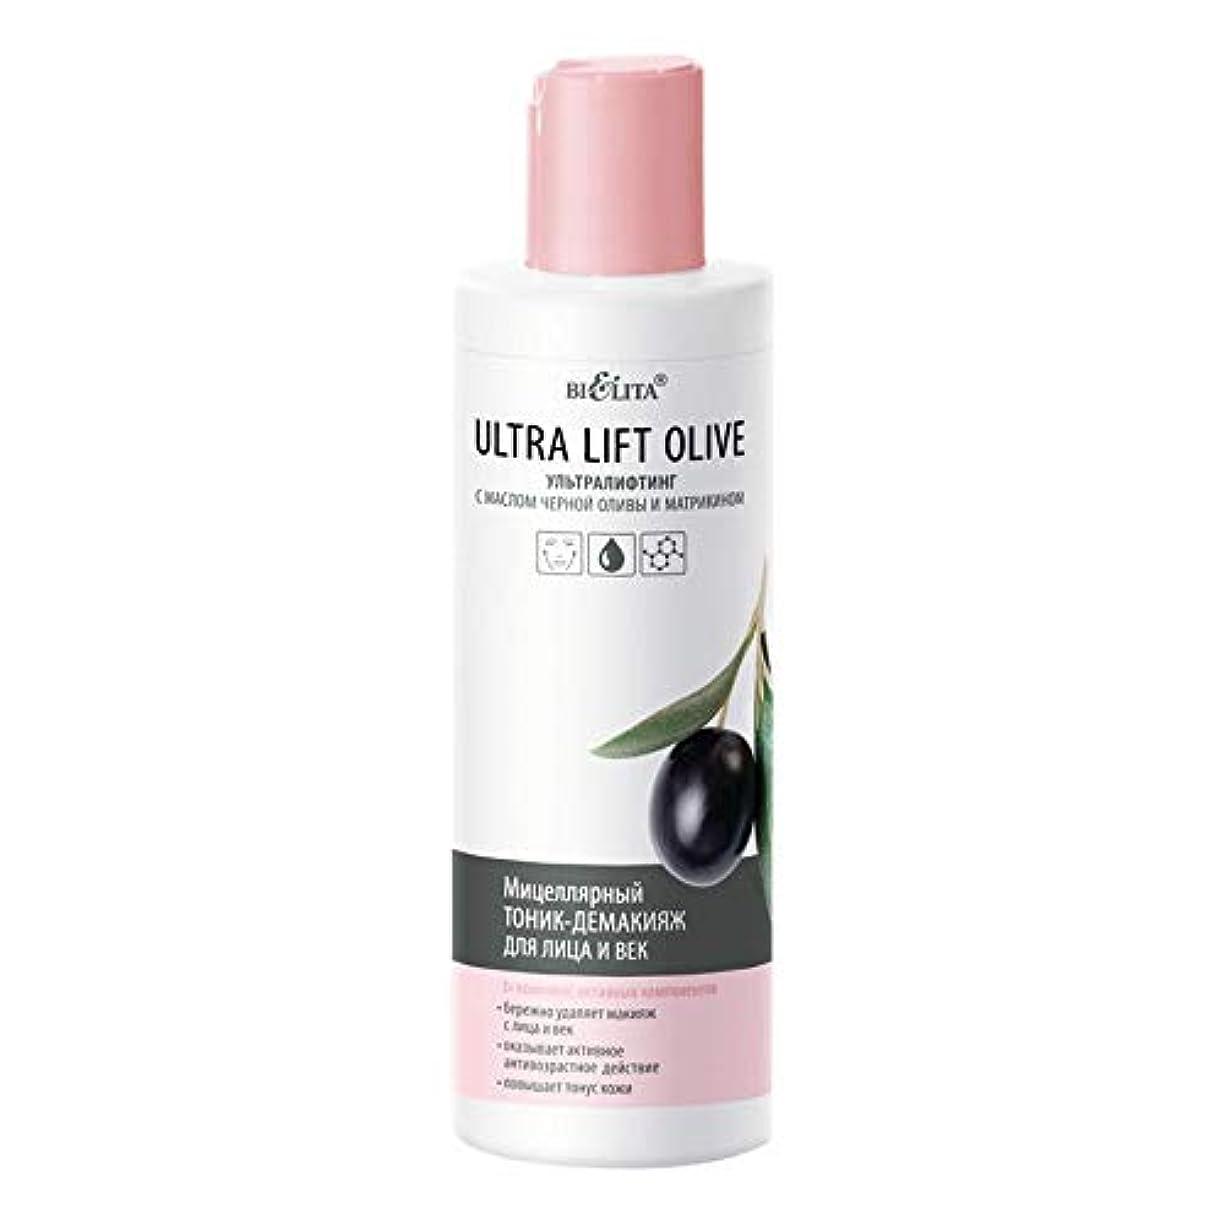 遠足夜間期限切れBielita & Vitex   Face and Eye Micellar Make-Up Remover   Olive oil and matrikine   200 ml